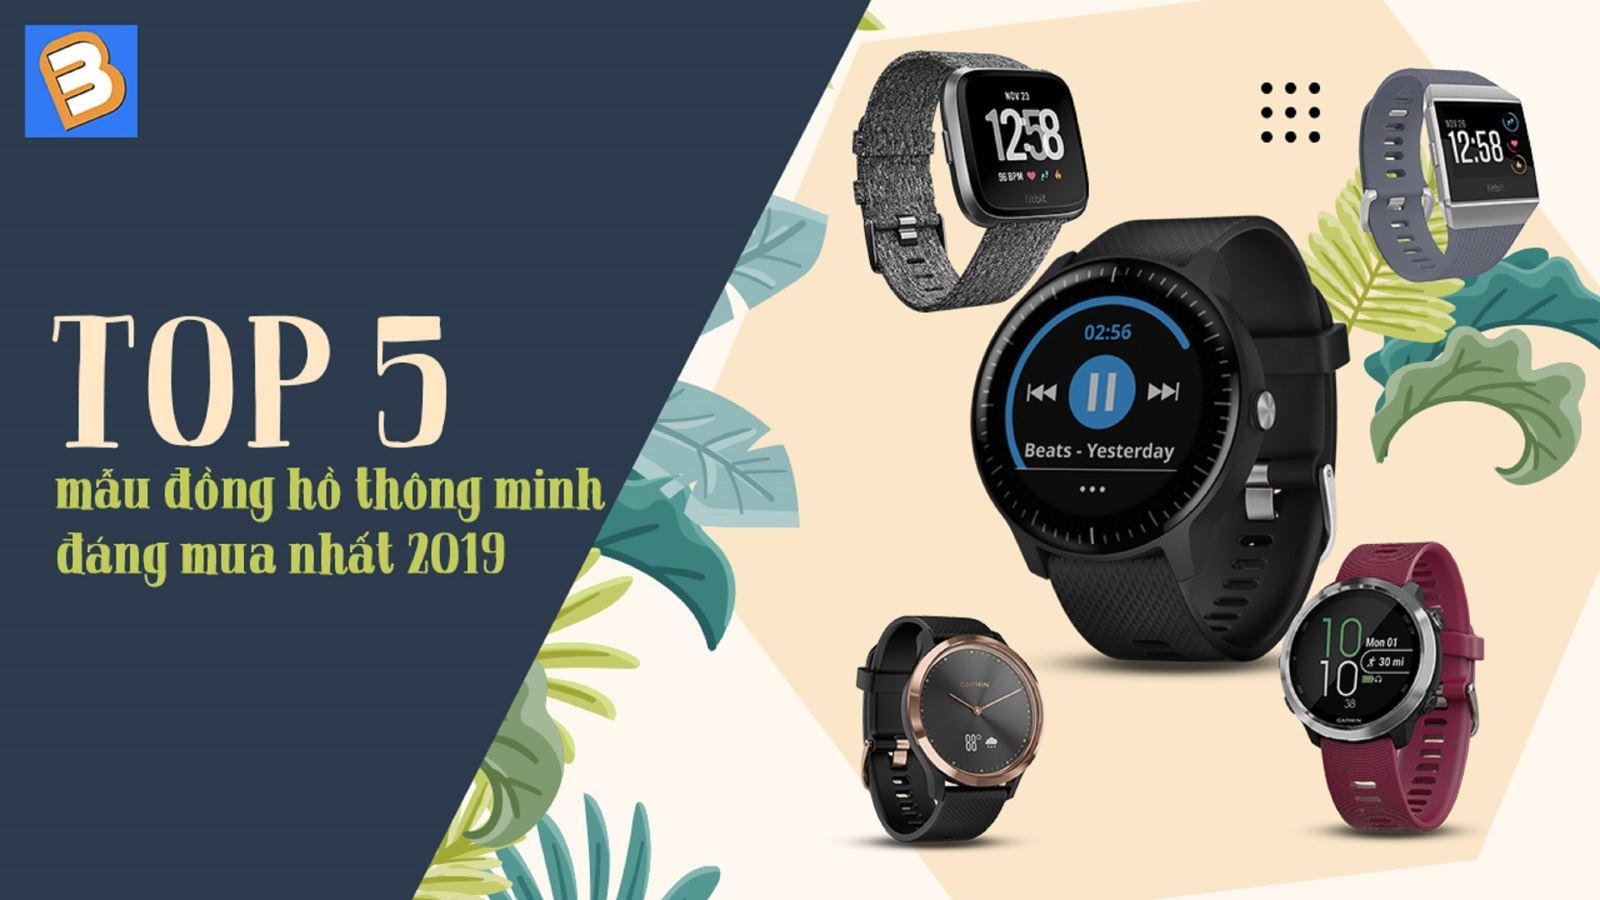 Top 5mẫu đồng hồ thông minh đáng mua nhất 2019